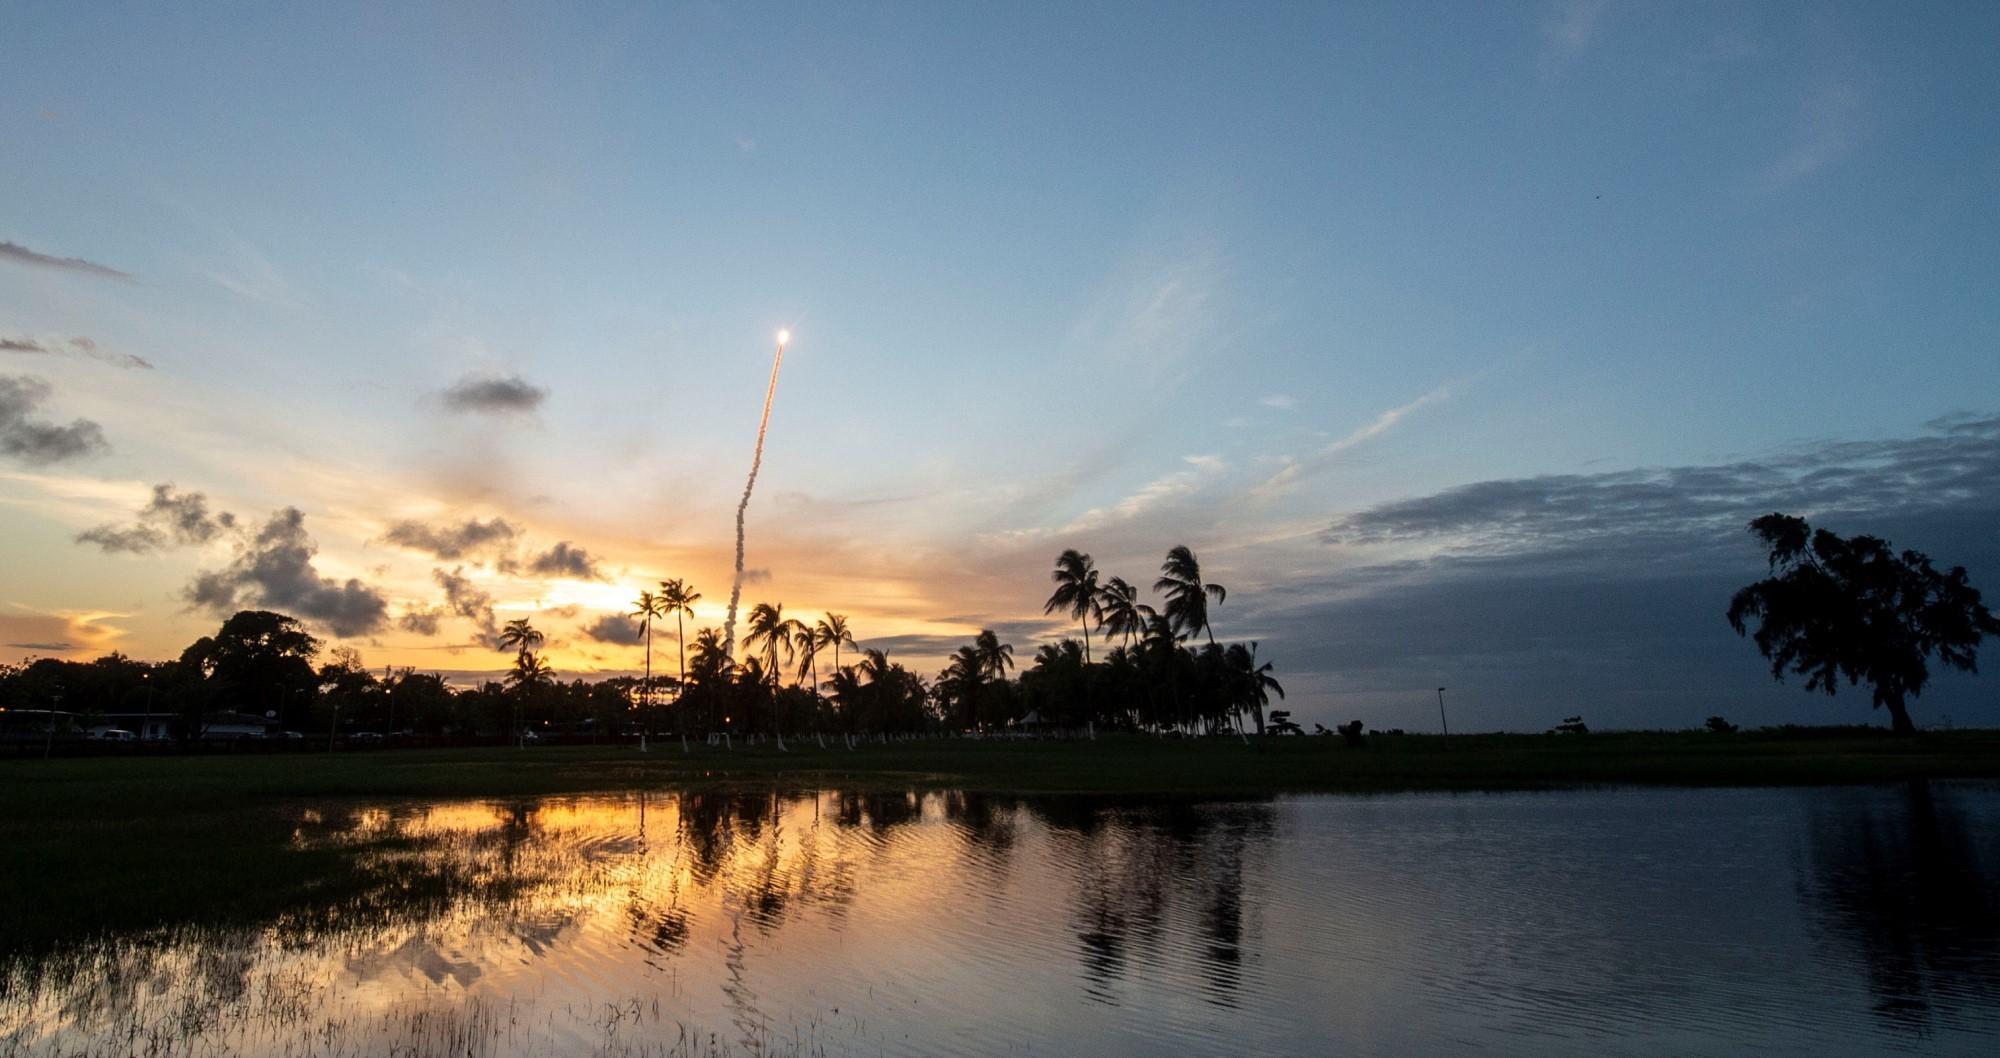 Oppskyting av Ariane 5 fra den europeiske rombasen i Kourou i Fransk Guyana. Foto: ESA/Arianespace